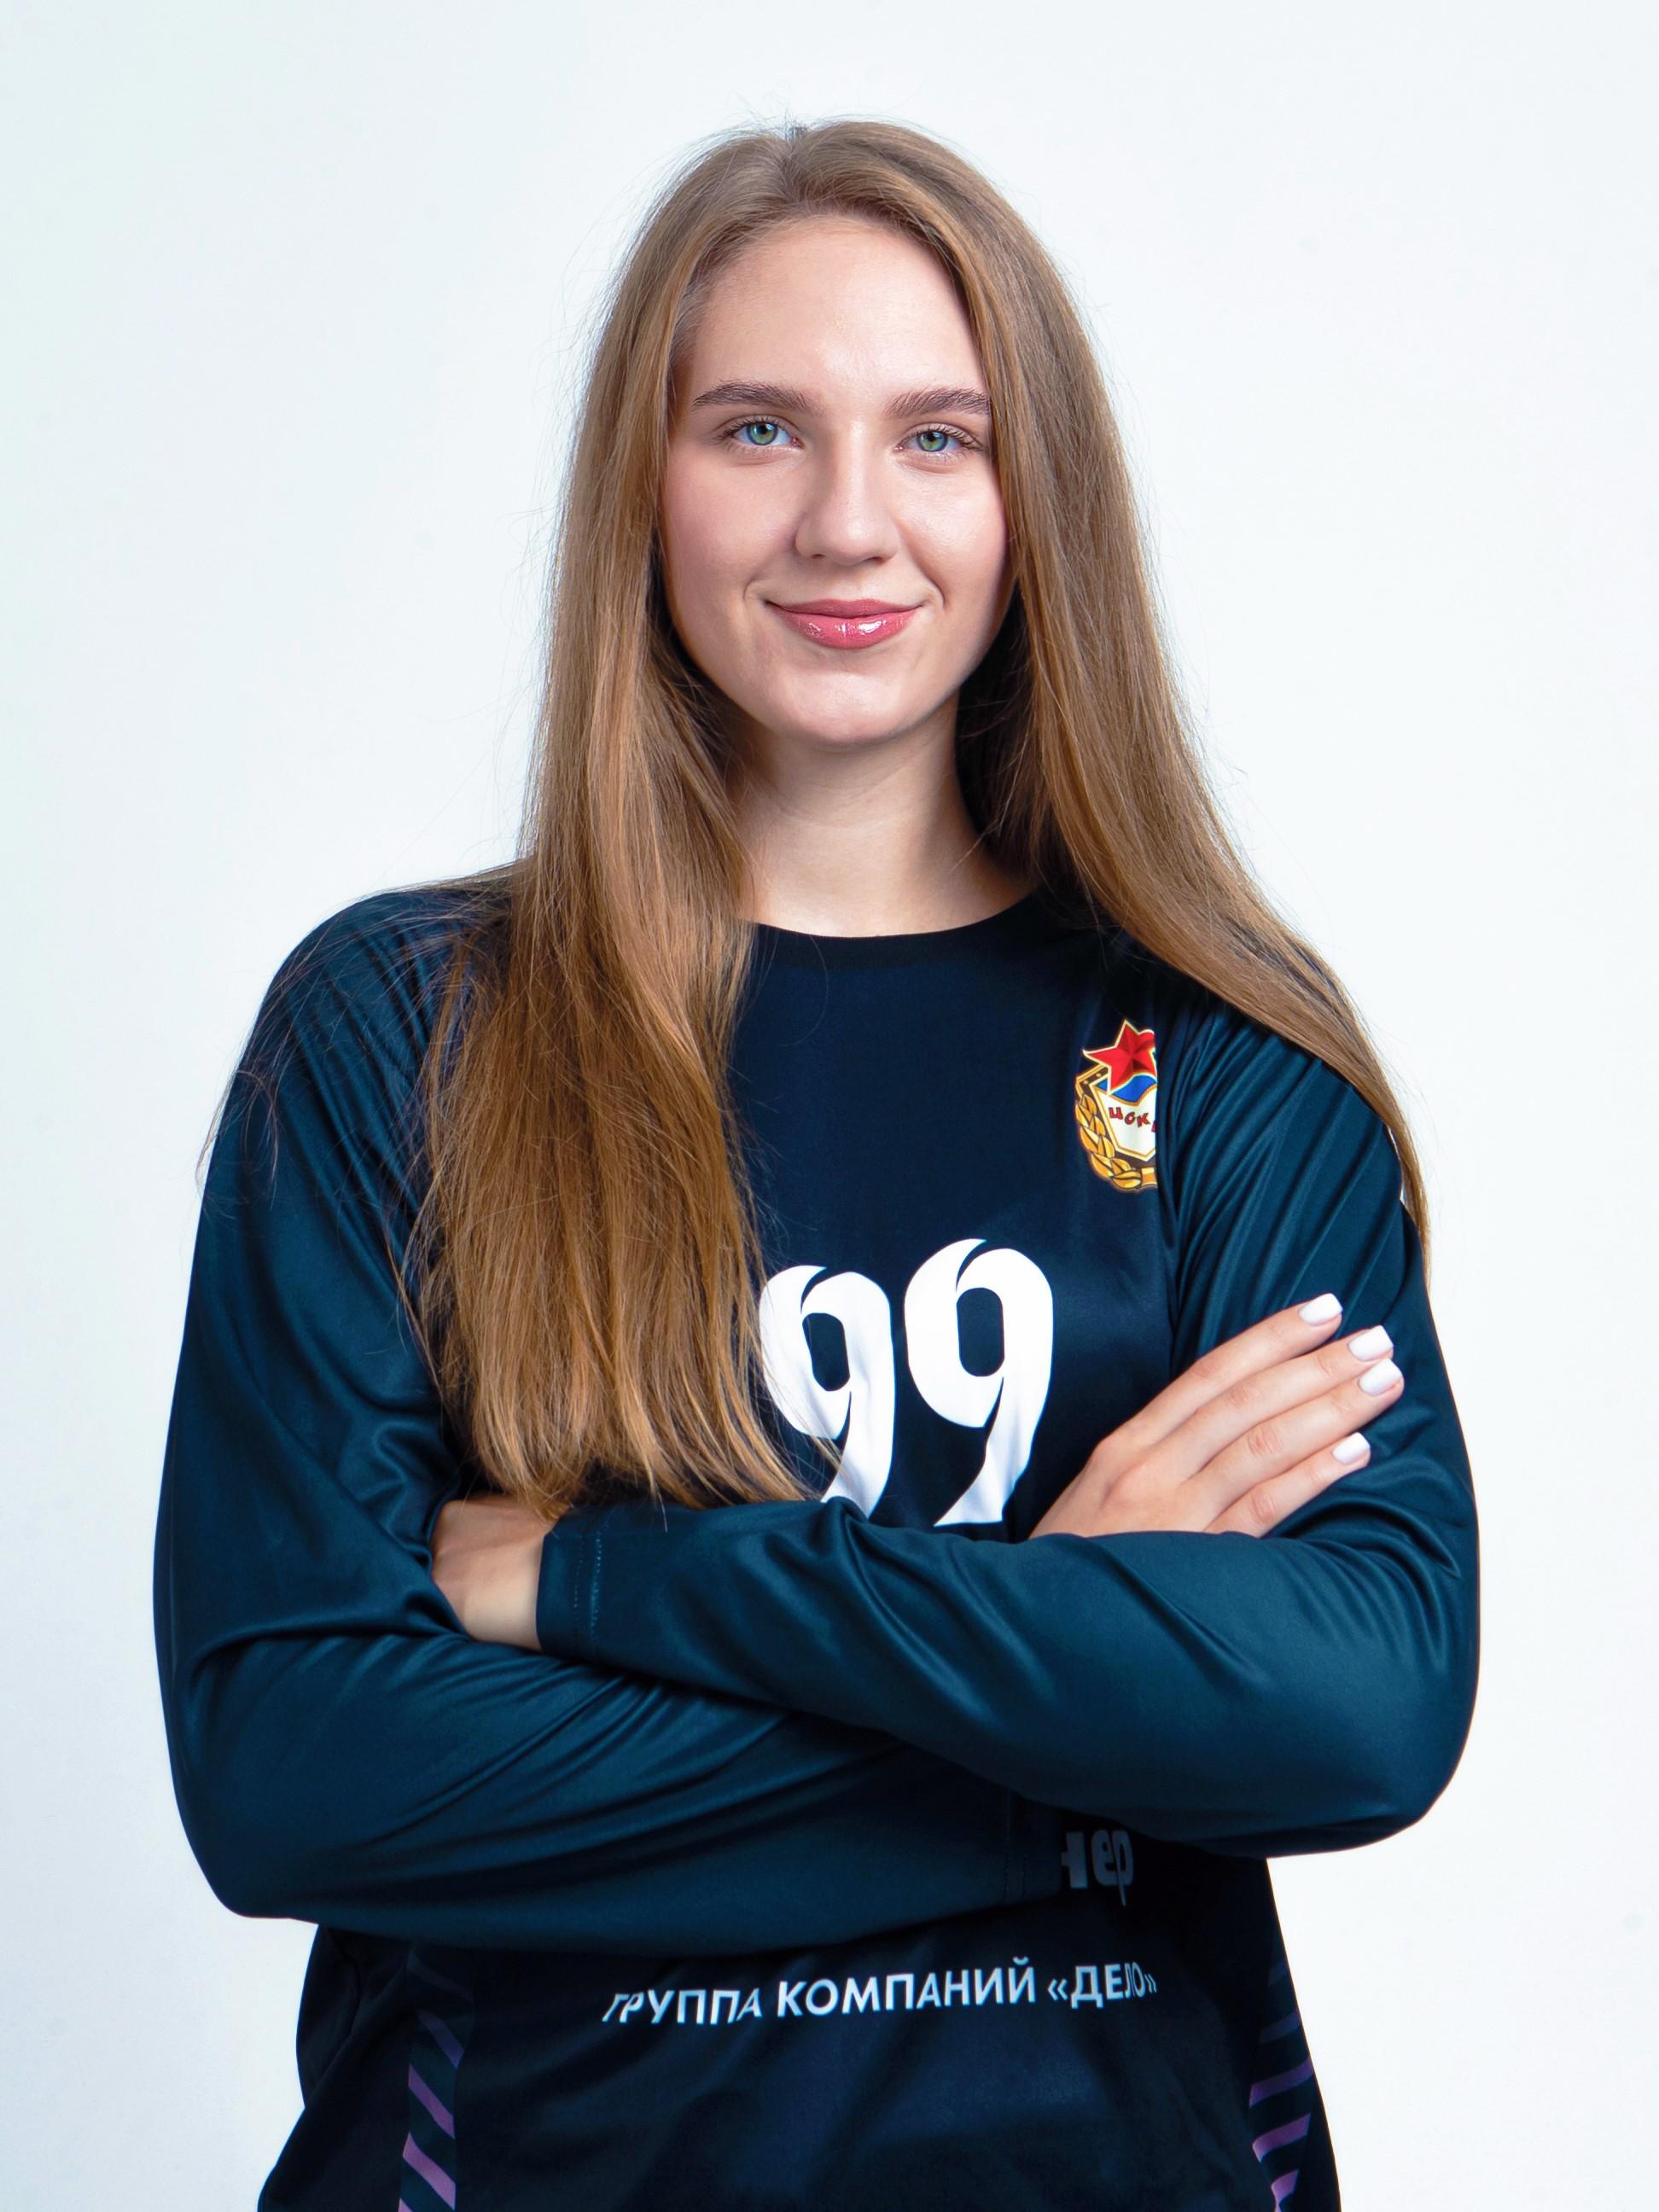 Каплина Полина Андреевна